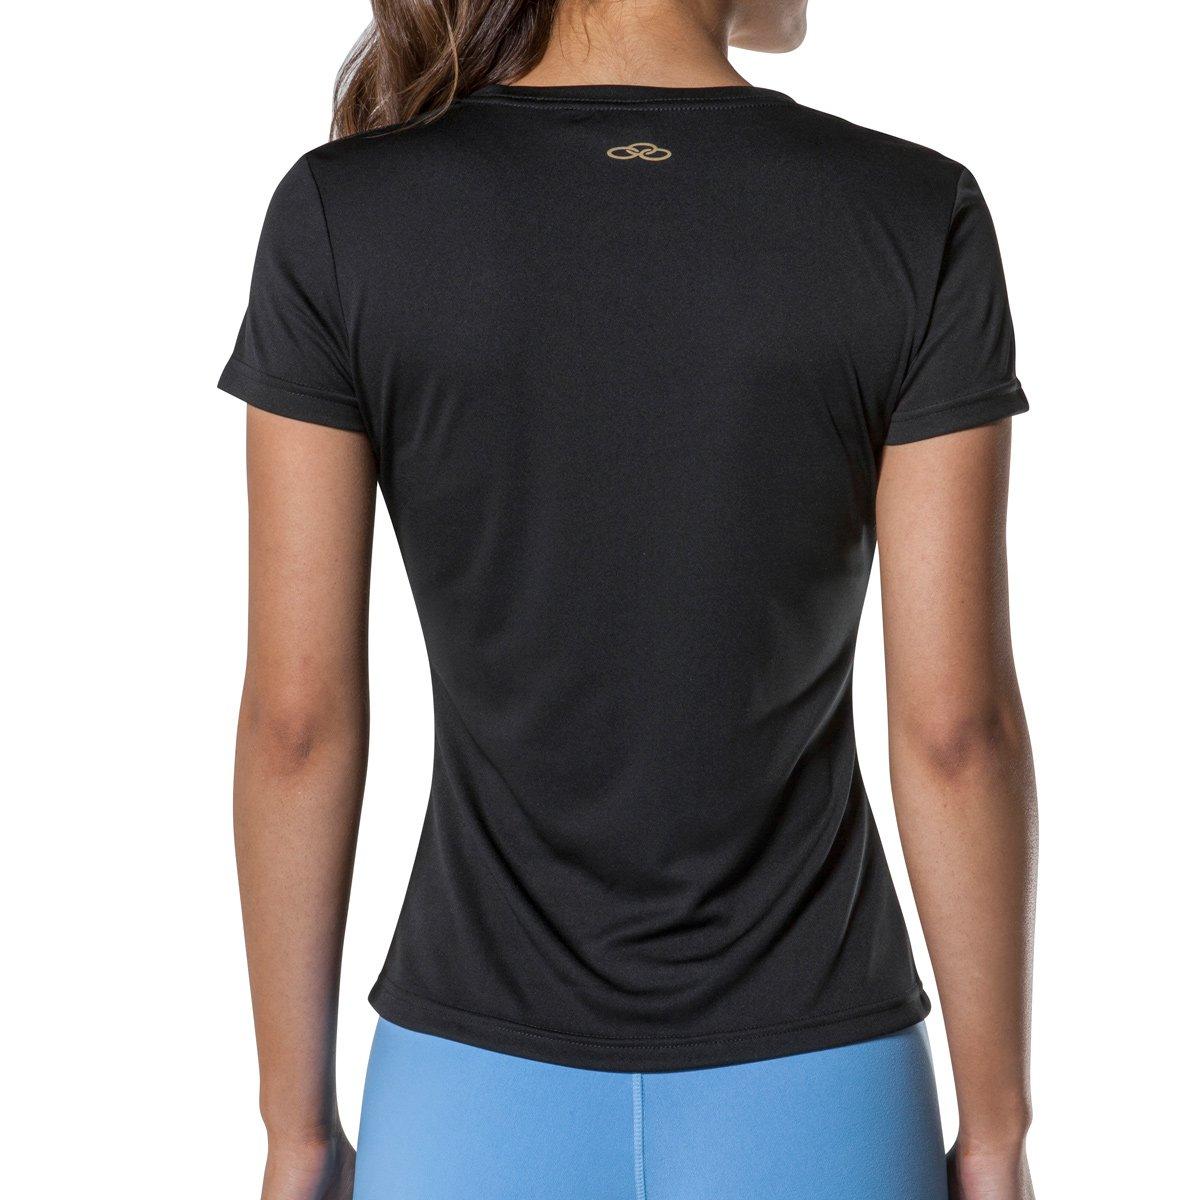 Dry Essential Olympikus Action Feminina Feminina Action Camiseta Olympikus Dry Dry Preto Preto Olympikus Essential Action Camiseta Camiseta qUxw6Aqz